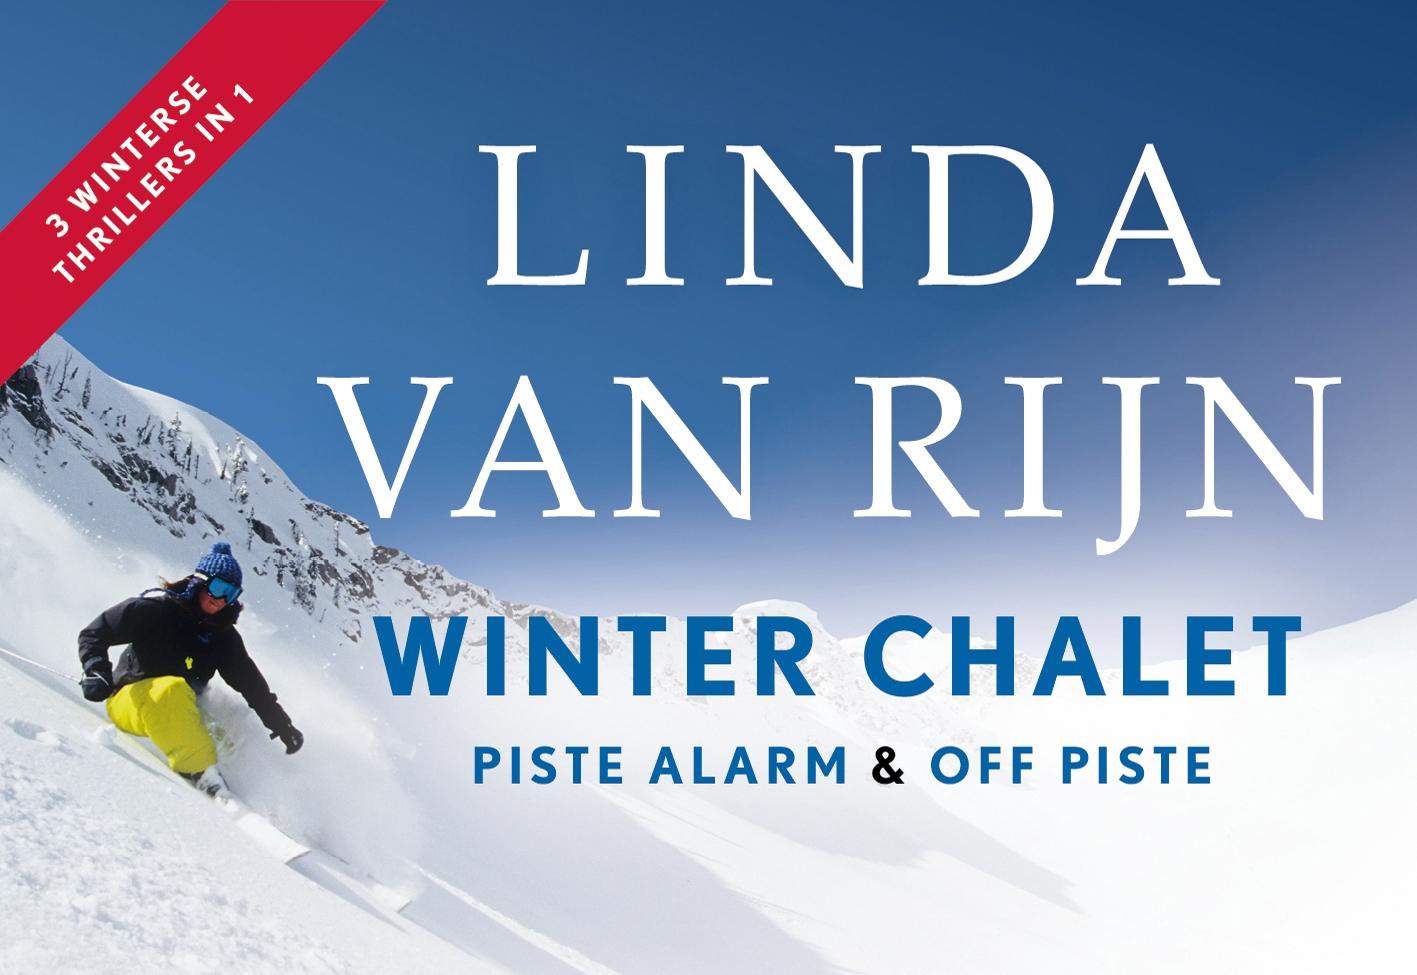 Linda van Rijn,Piste alarm + Winter chalet + Off piste